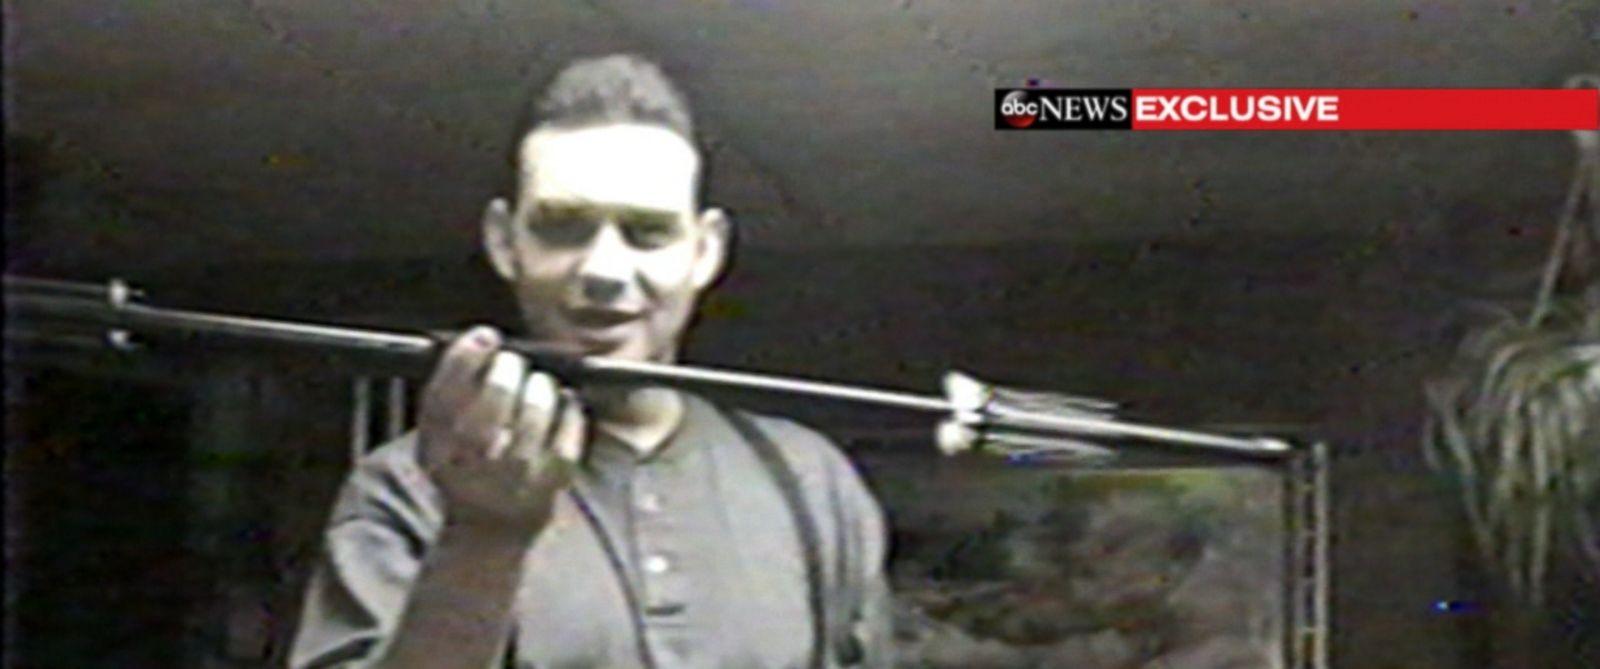 Exclusive: Video Offers Glimpse Into Escaped Convict ...